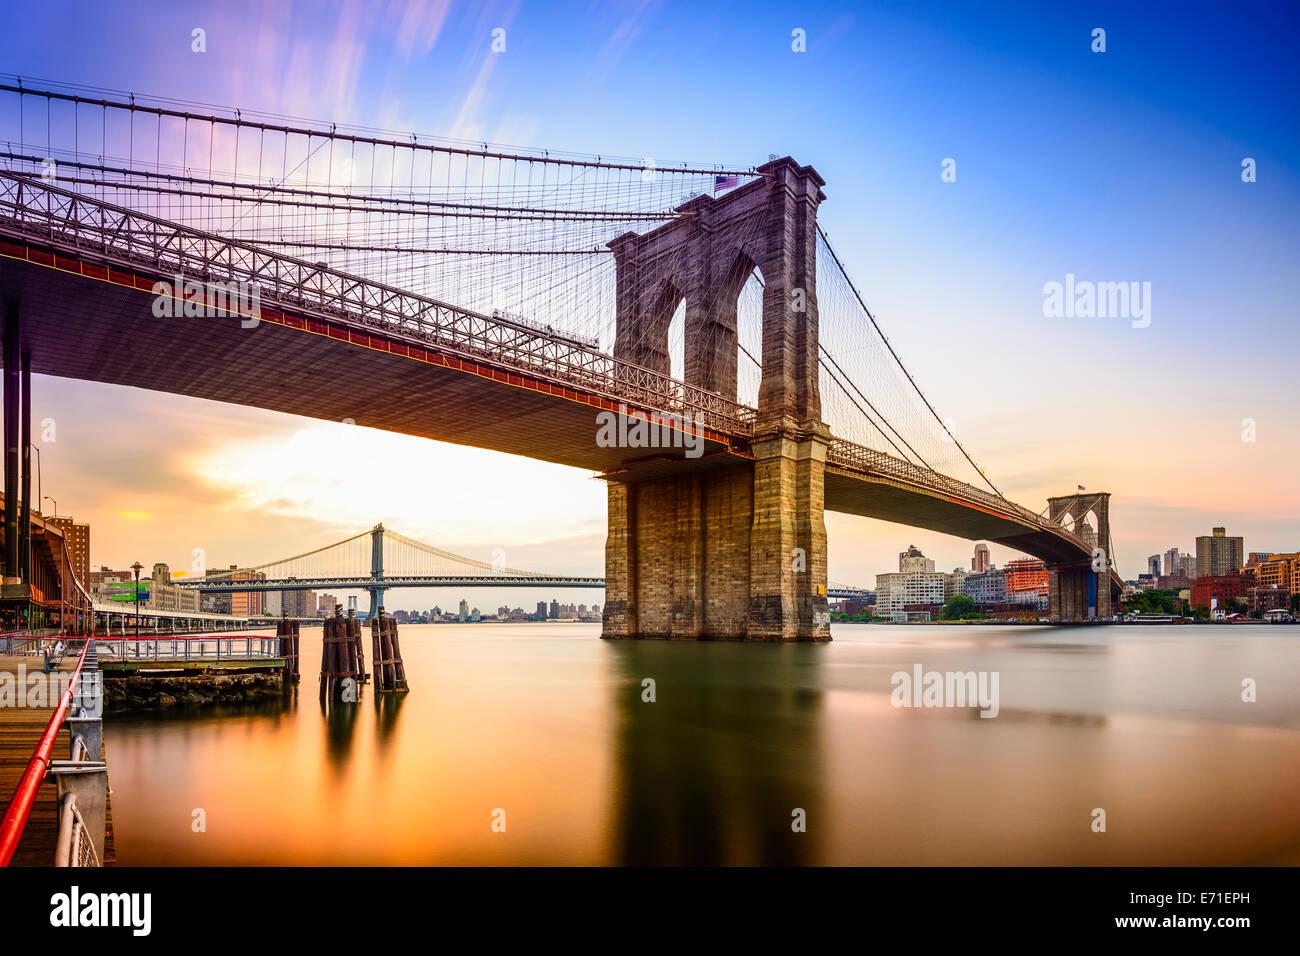 La Ciudad de Nueva York, EE.UU. en el puente de Brooklyn y el East River al amanecer. Imagen De Stock